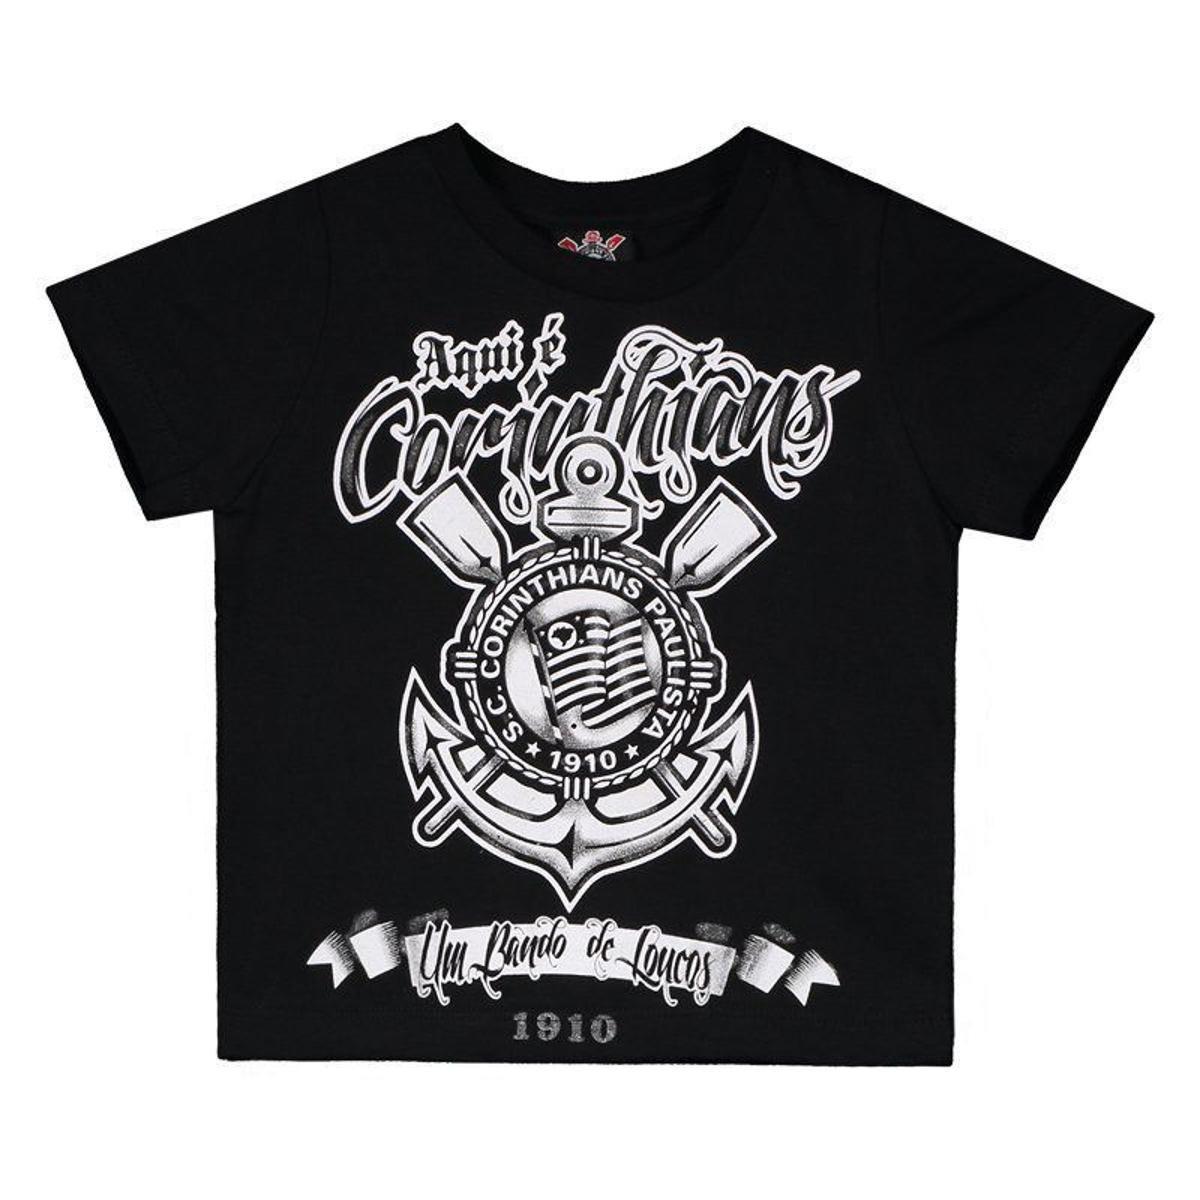 06f0d806426ac Camiseta Corinthians Aqui É Corinthians Infantil - Preto - Compre Agora